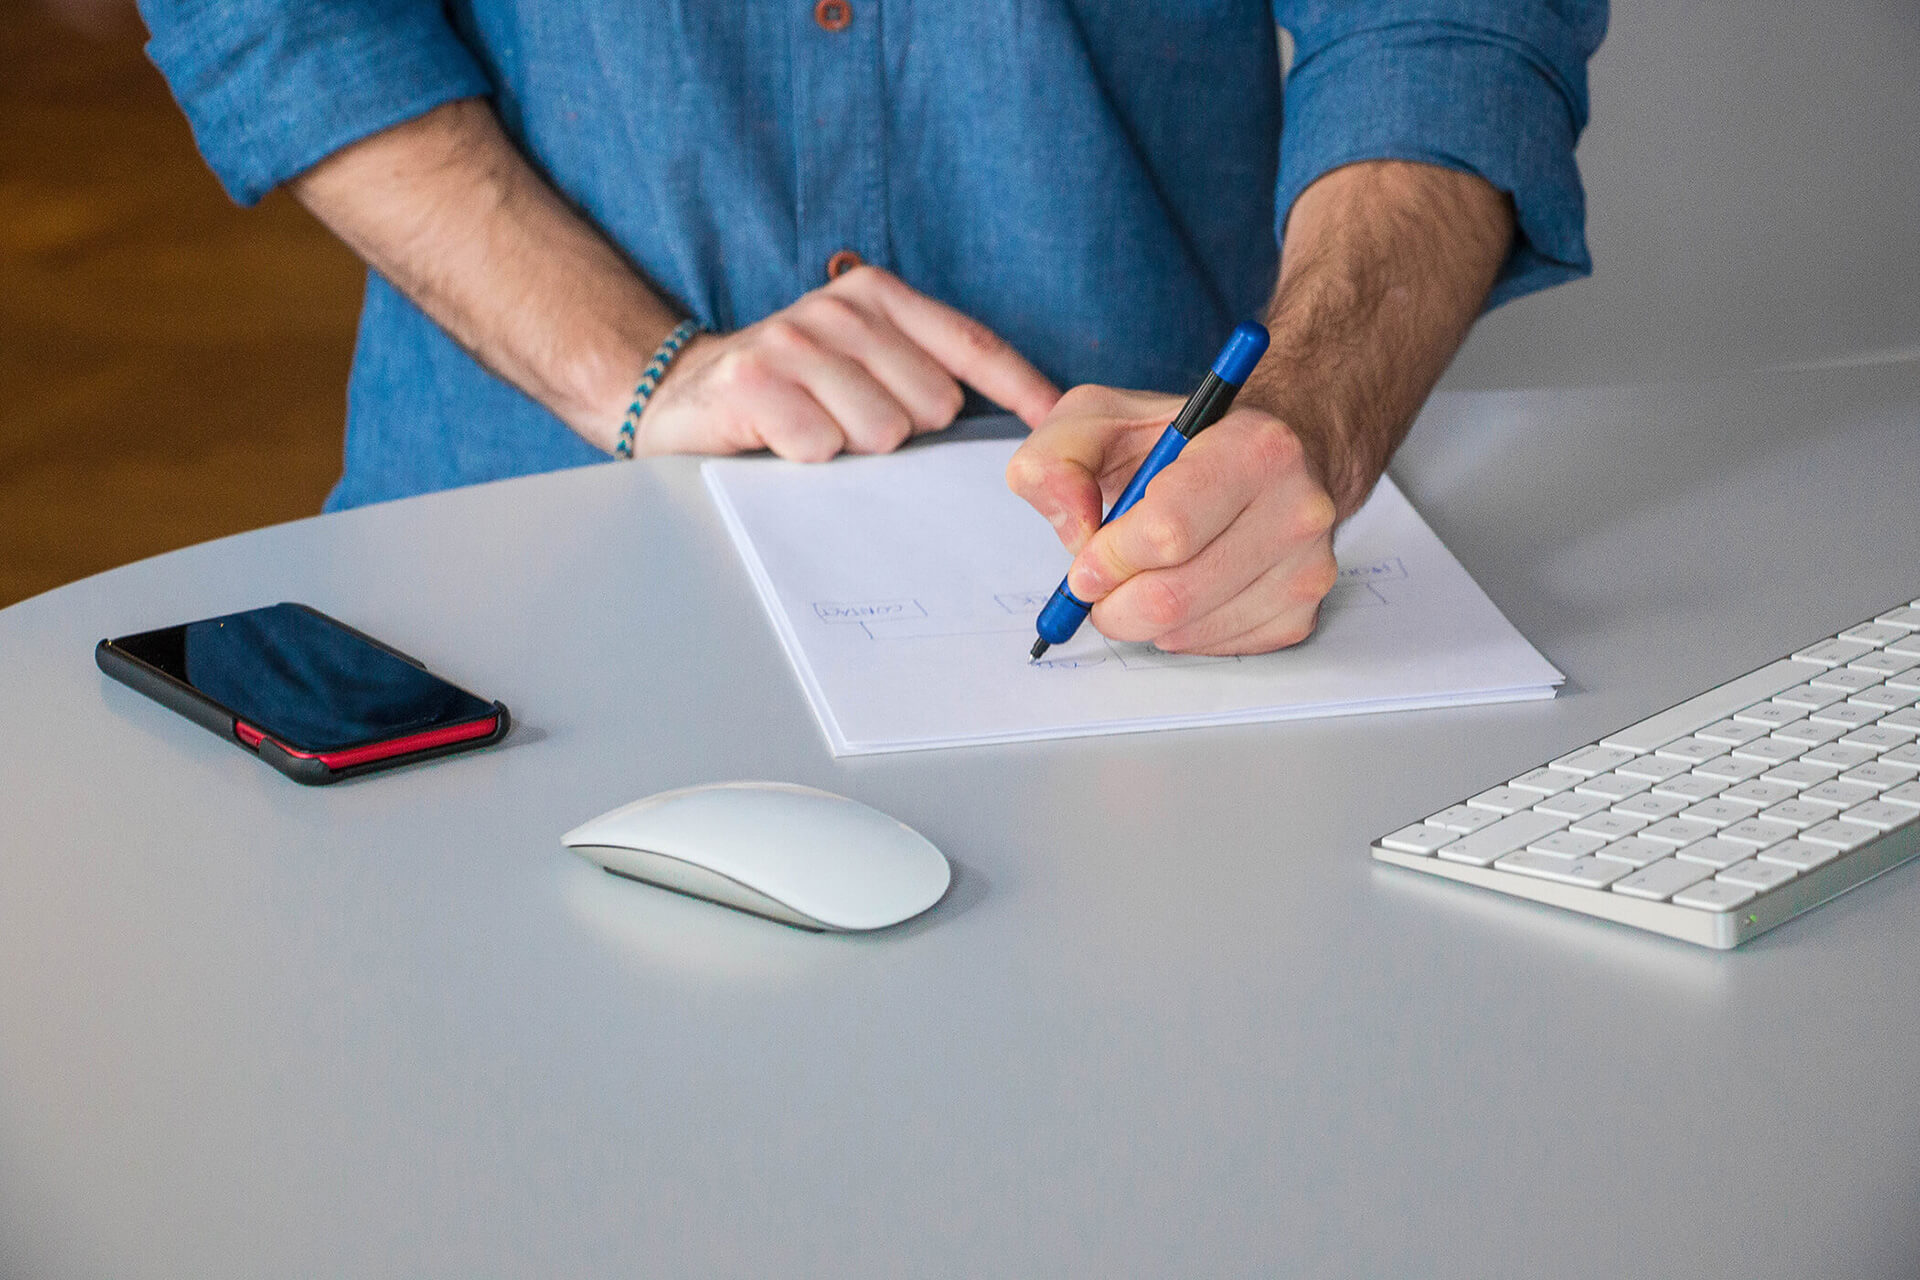 Ein junger Mann macht Notizen auf einem hellen Schreibtisch.